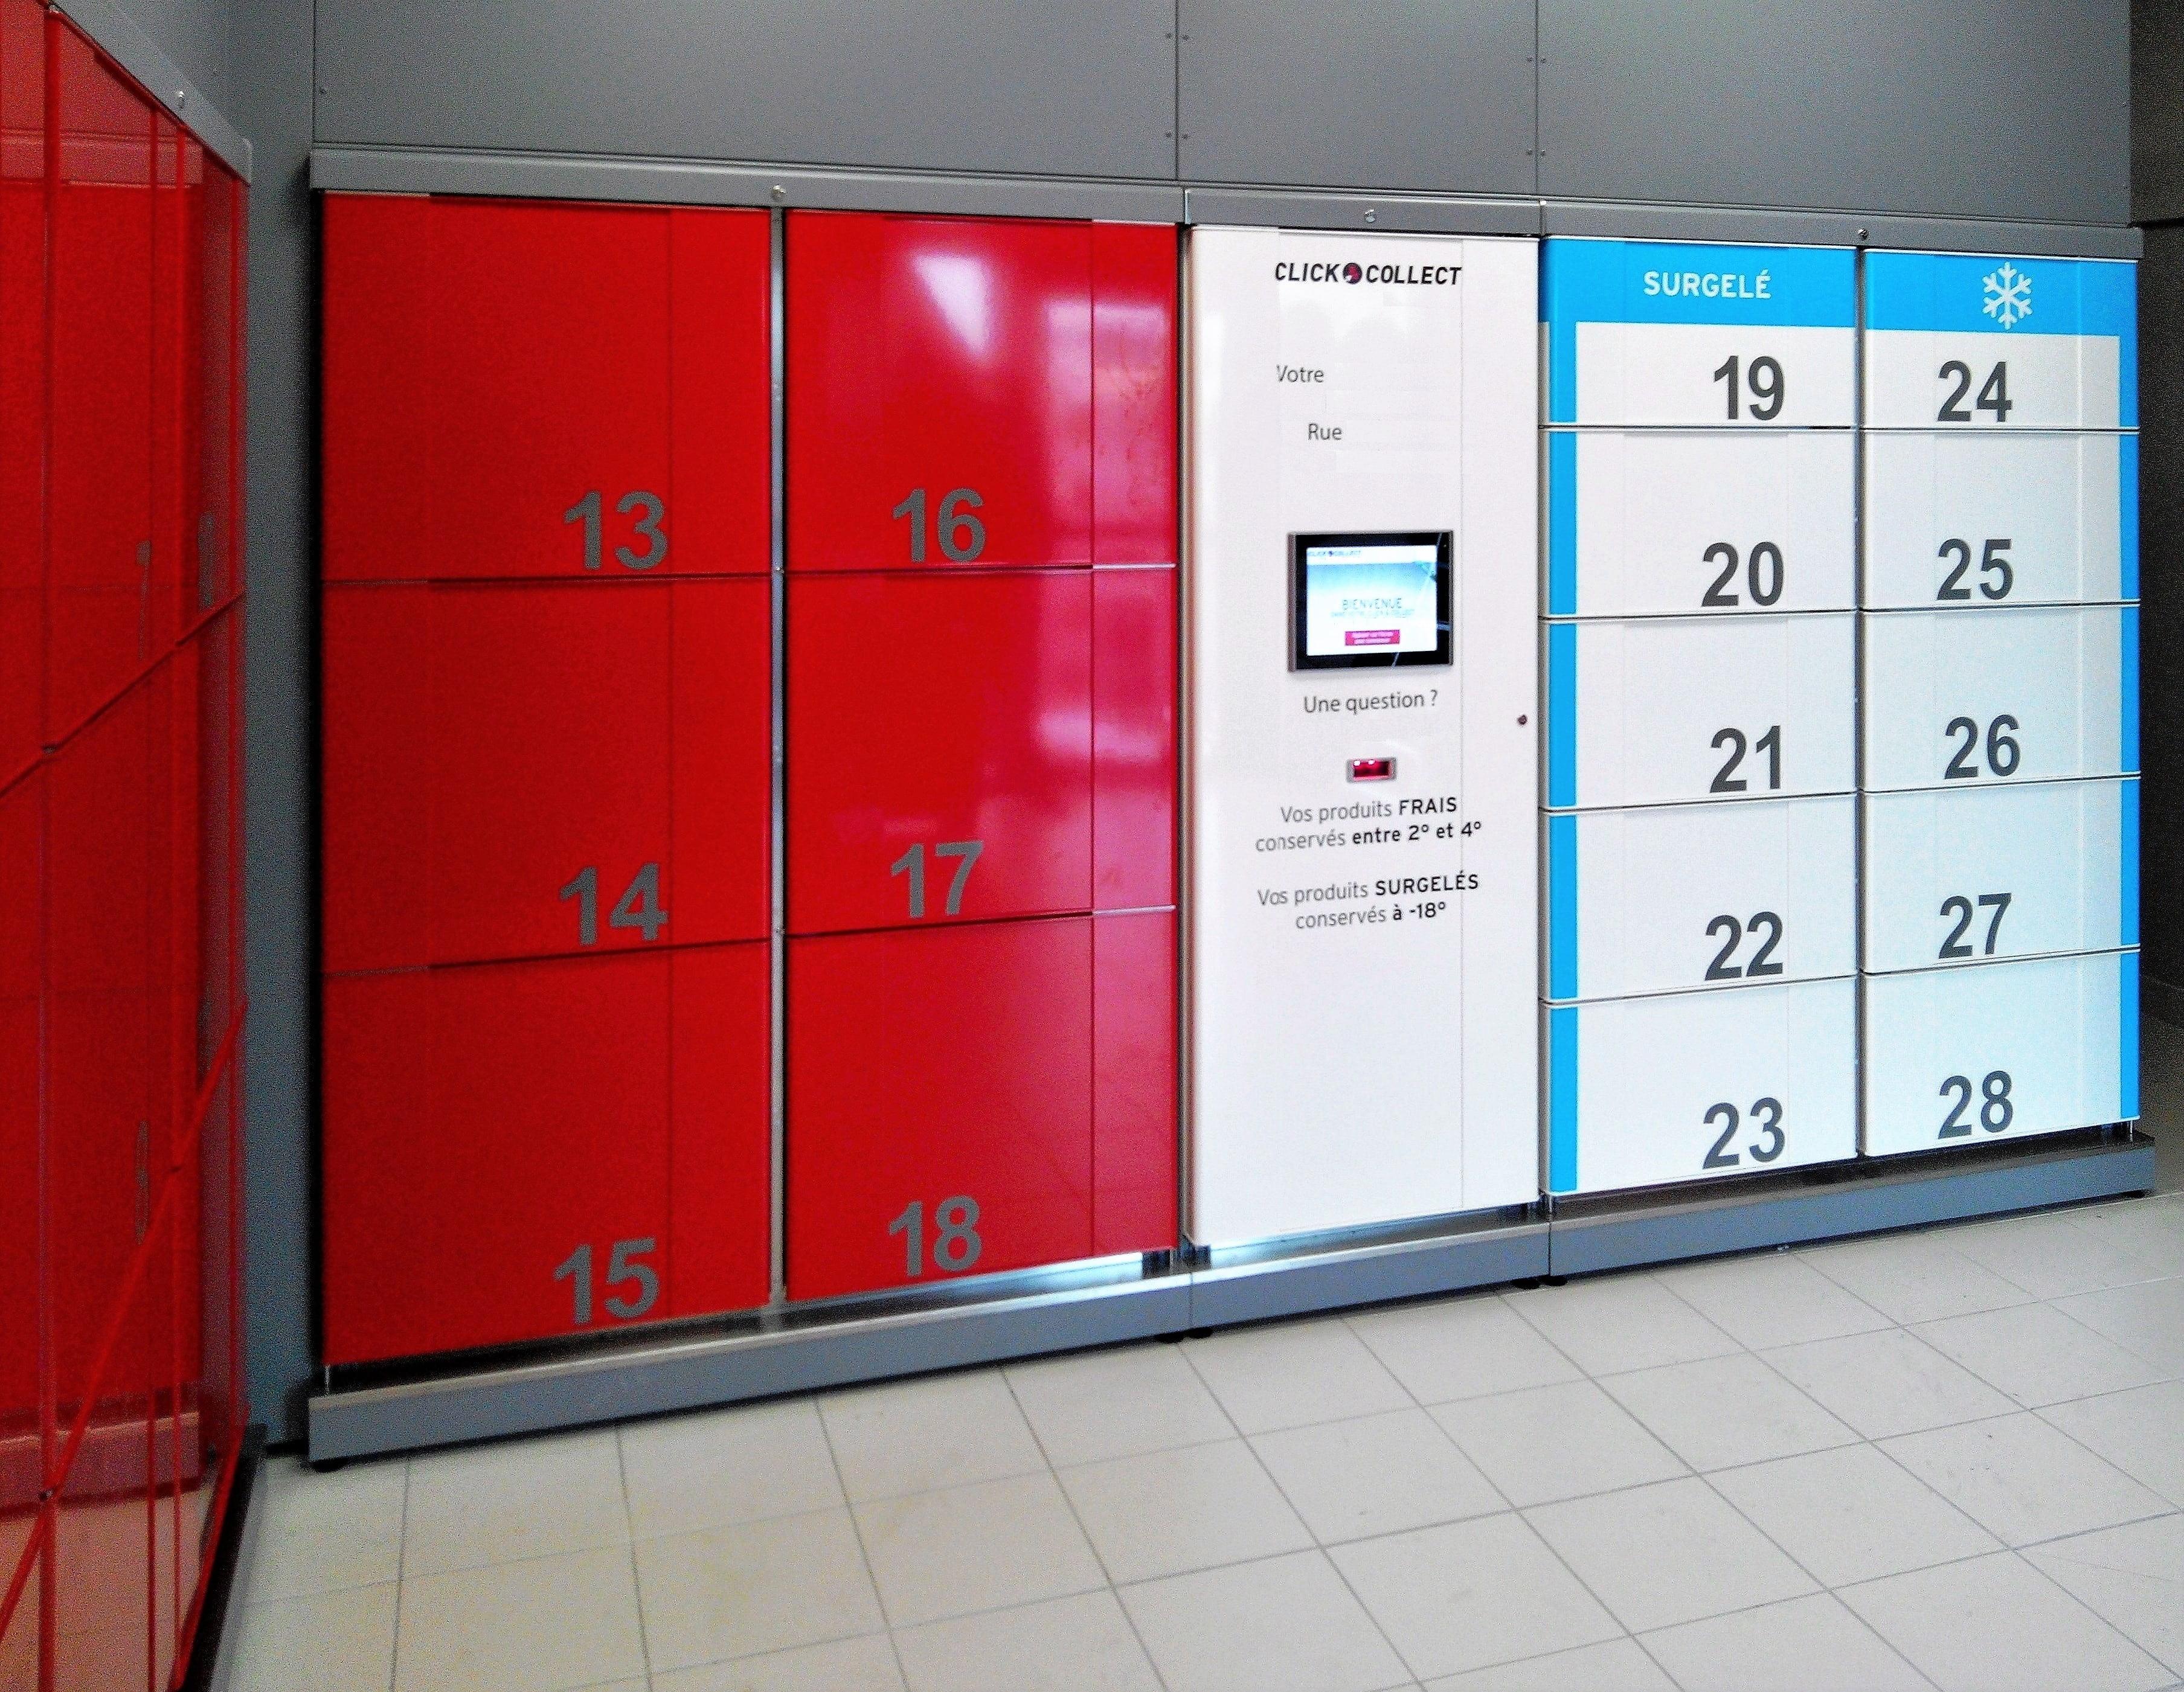 Gekühlte Abholstation cool lockers. Lebensmittel online bestellen und rund um die Uhr abholen: cool lockers Anlage im Innenbereich.